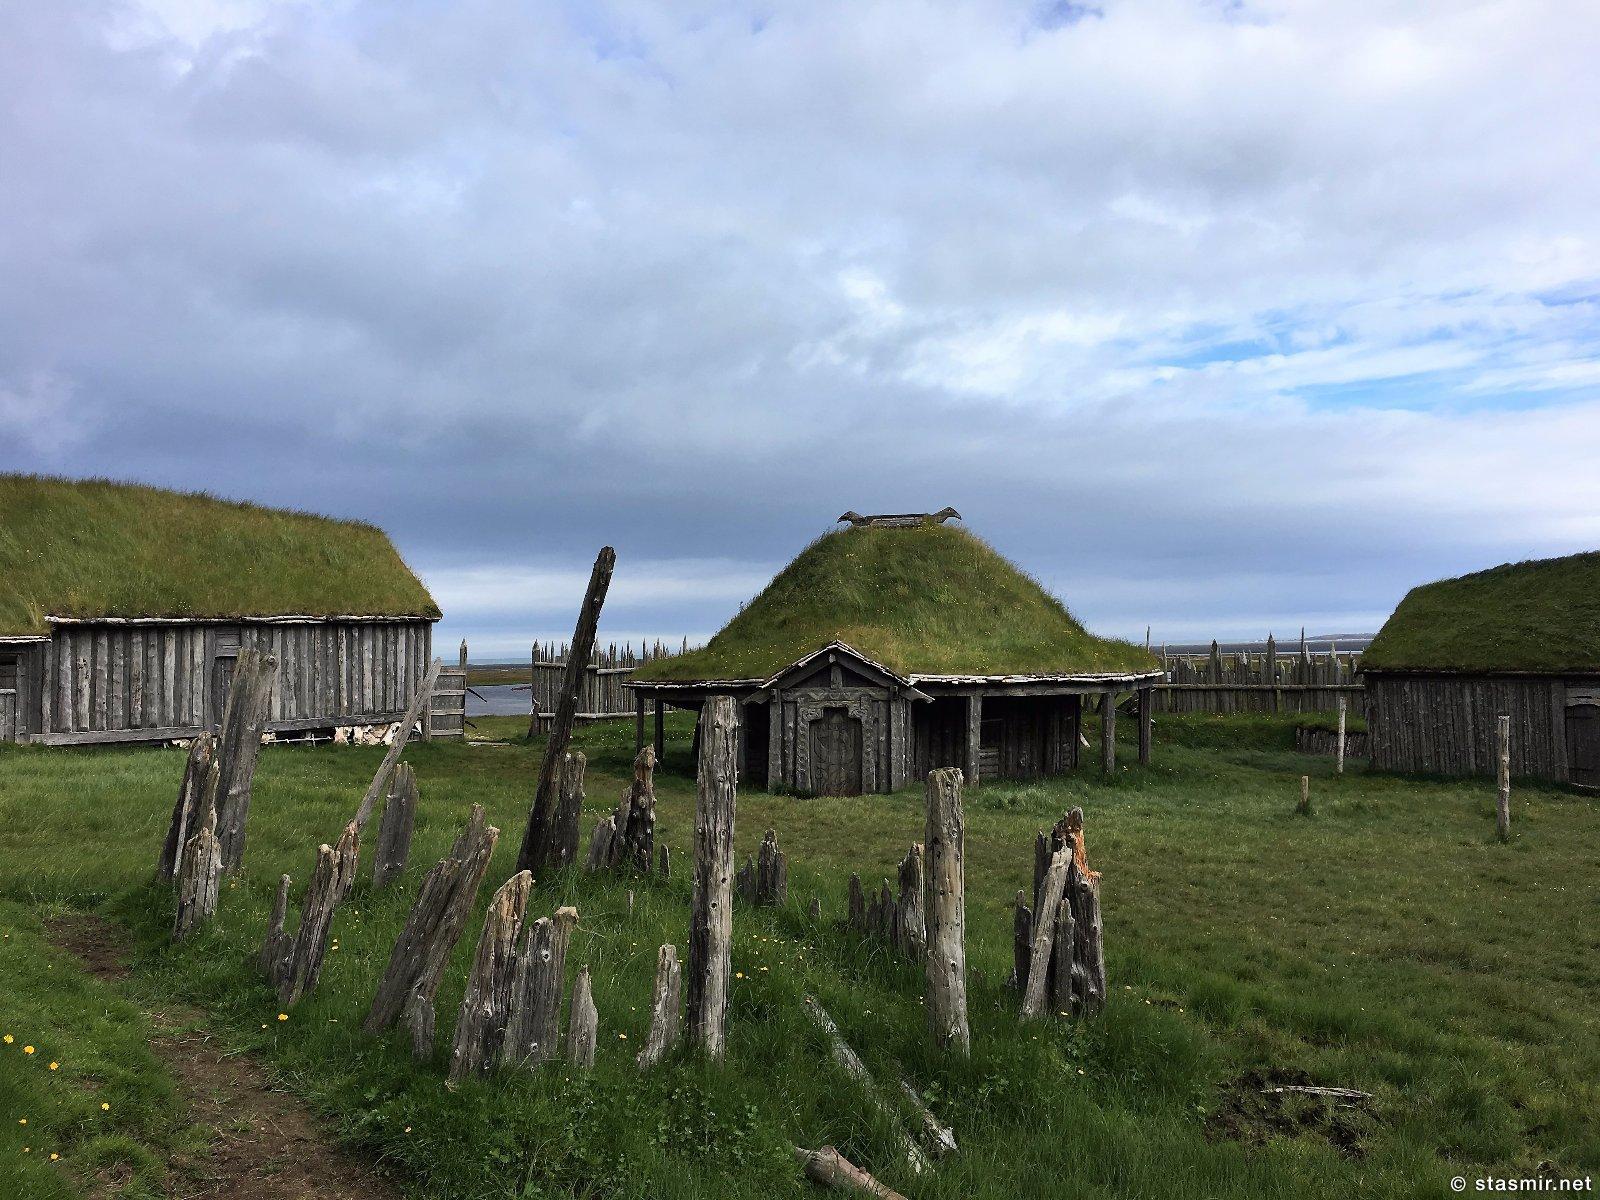 голливудская деревня викингов в Исландии, фото Стасмир, photo Stasmir, регион Восточная Исландия, муляж деревни викингов в Исландии